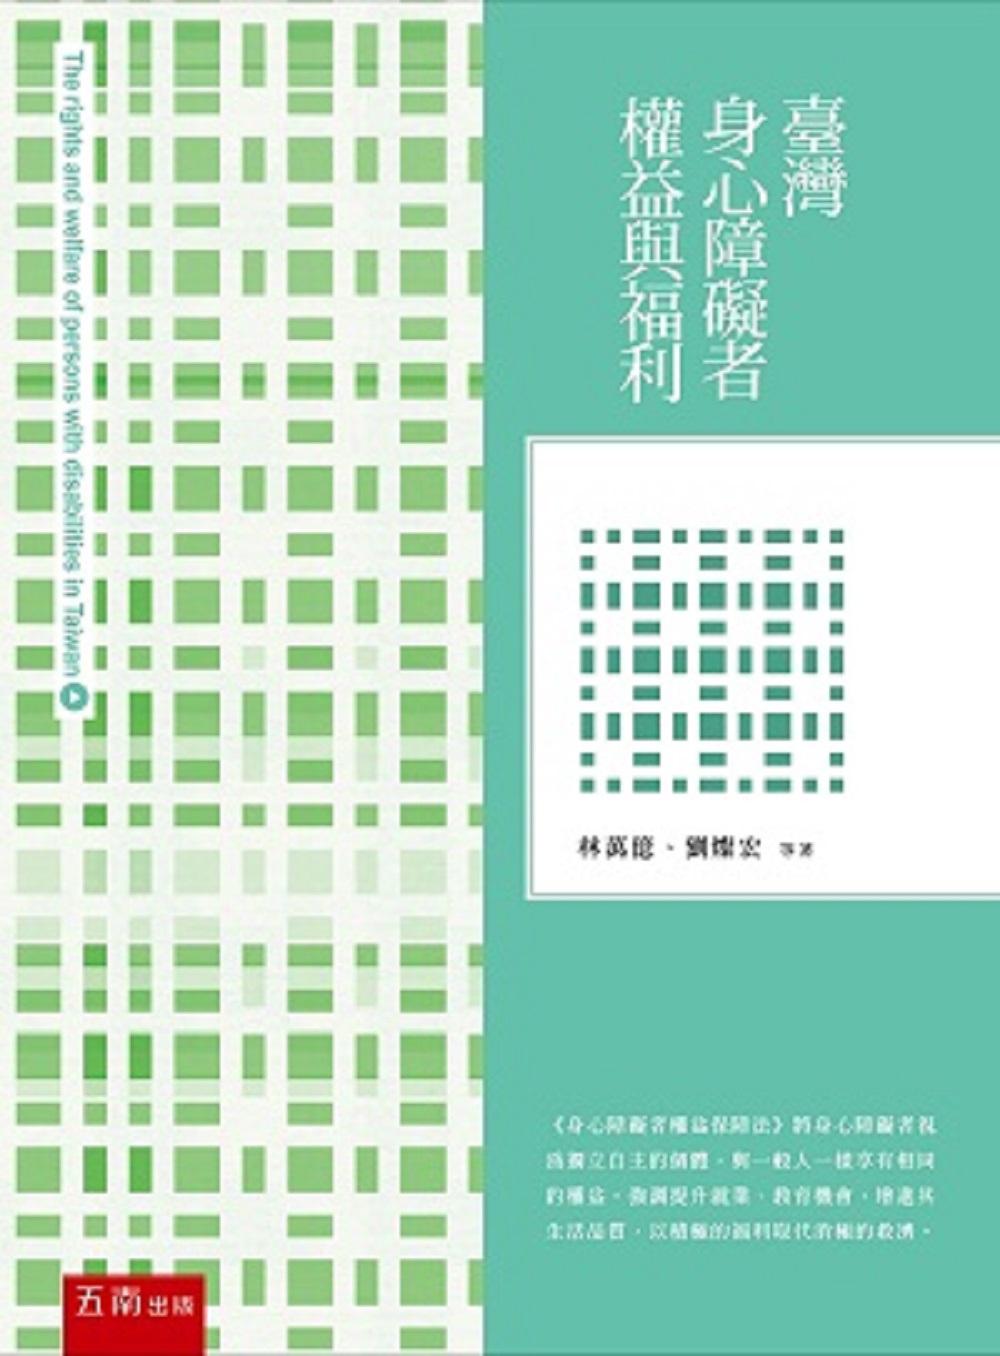 臺灣身心障礙者權益與福利